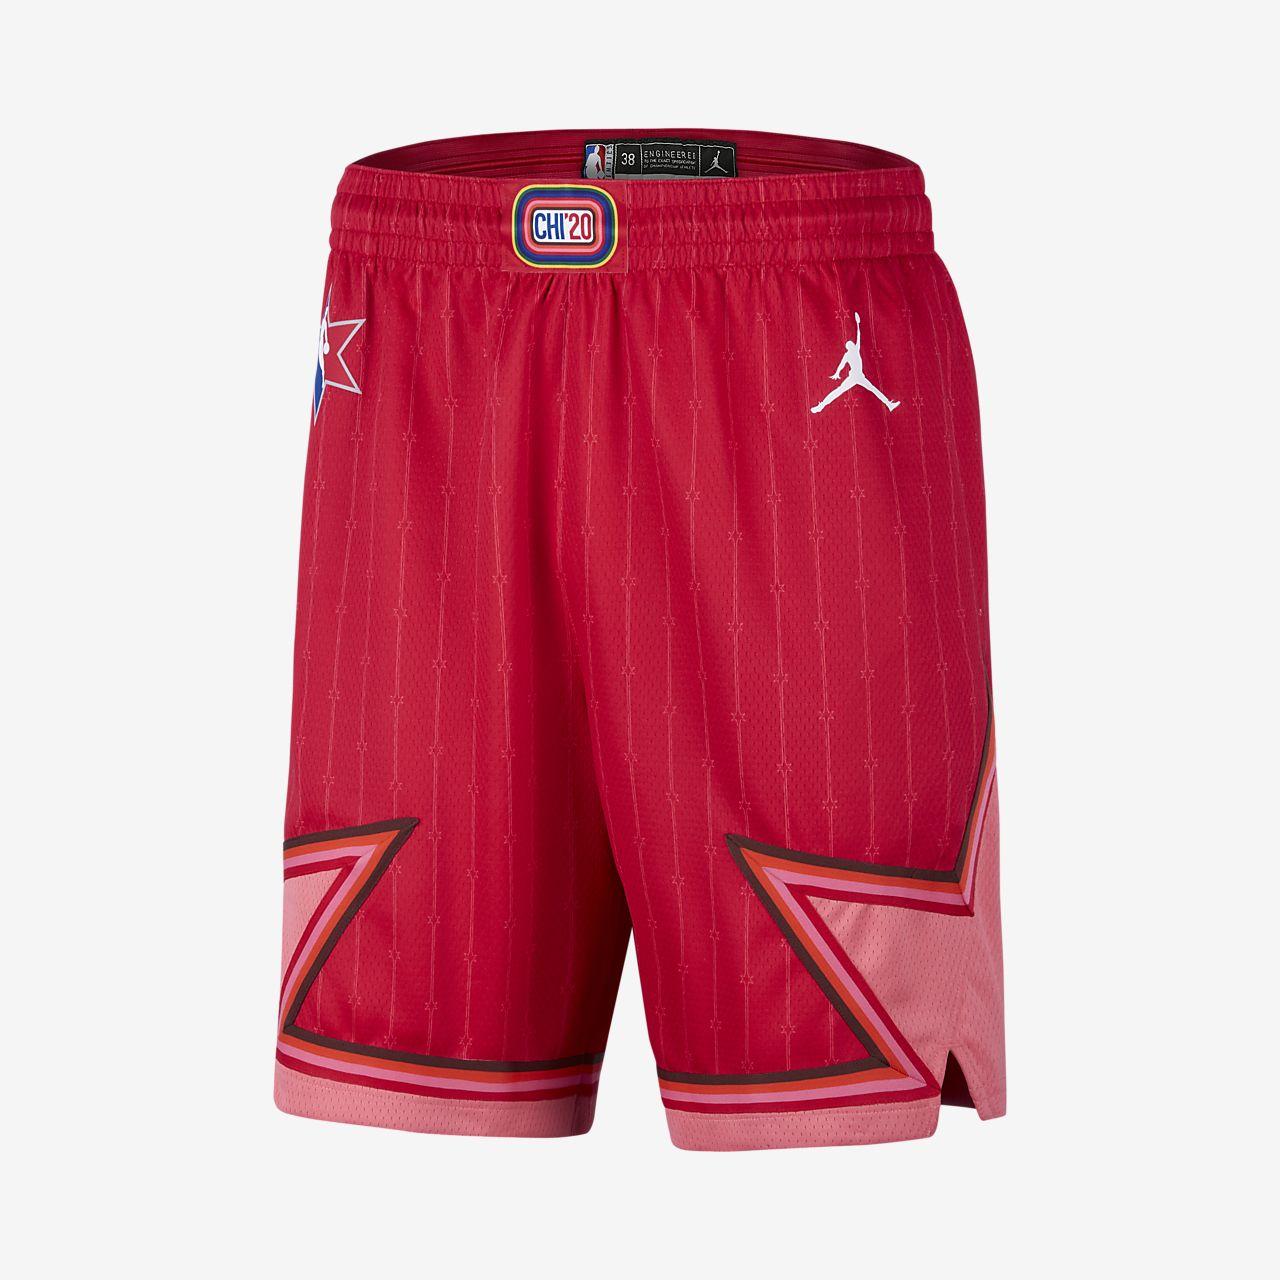 All-Star Jordan NBA Swingman Shorts